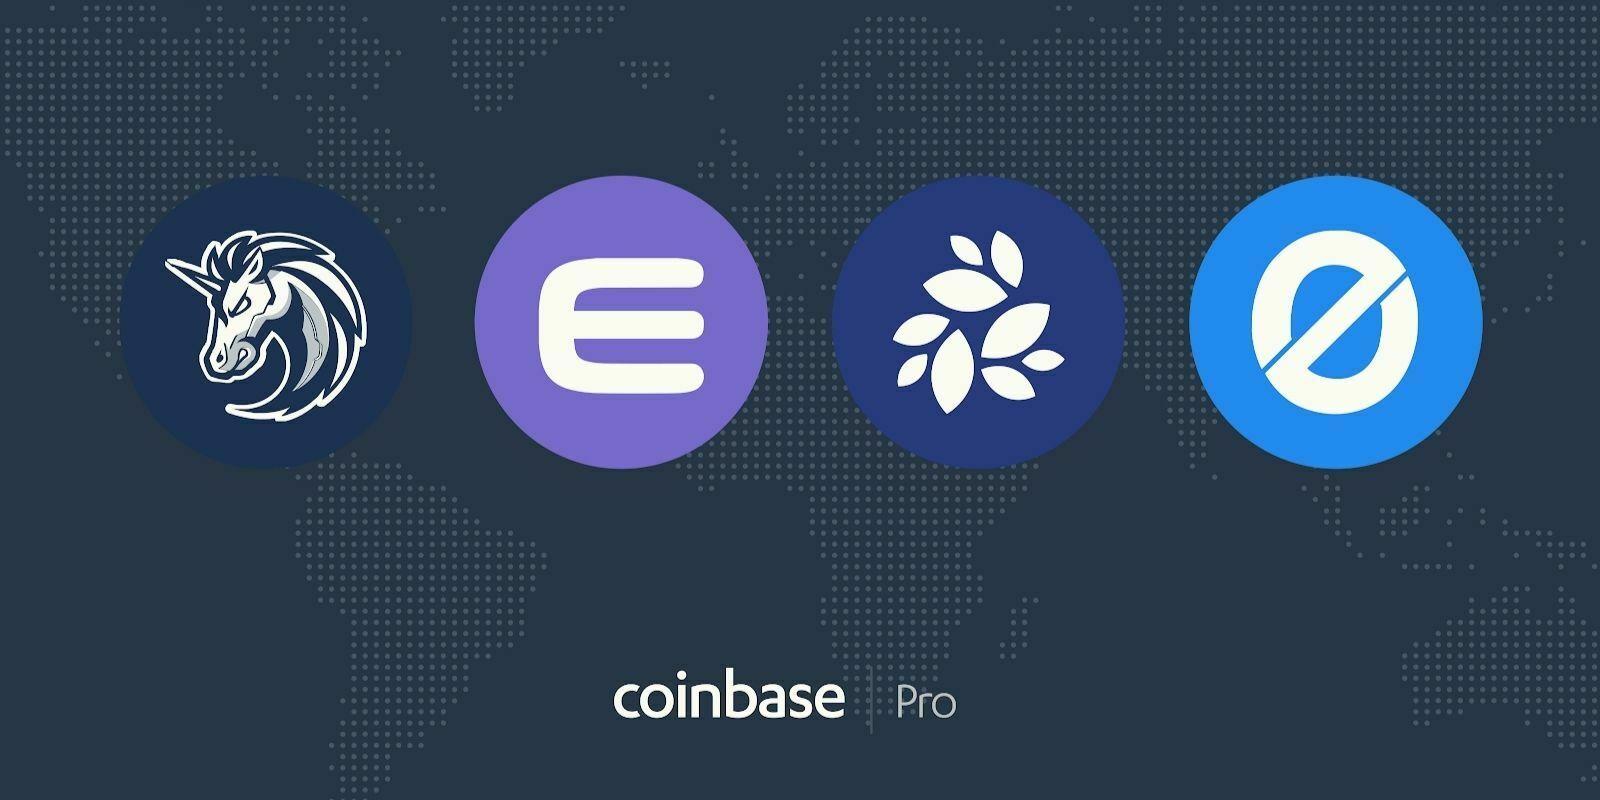 Coinbase Pro ajoute les tokens de 1inch, Enjin (ENJ), NKN et Origin (OGN)